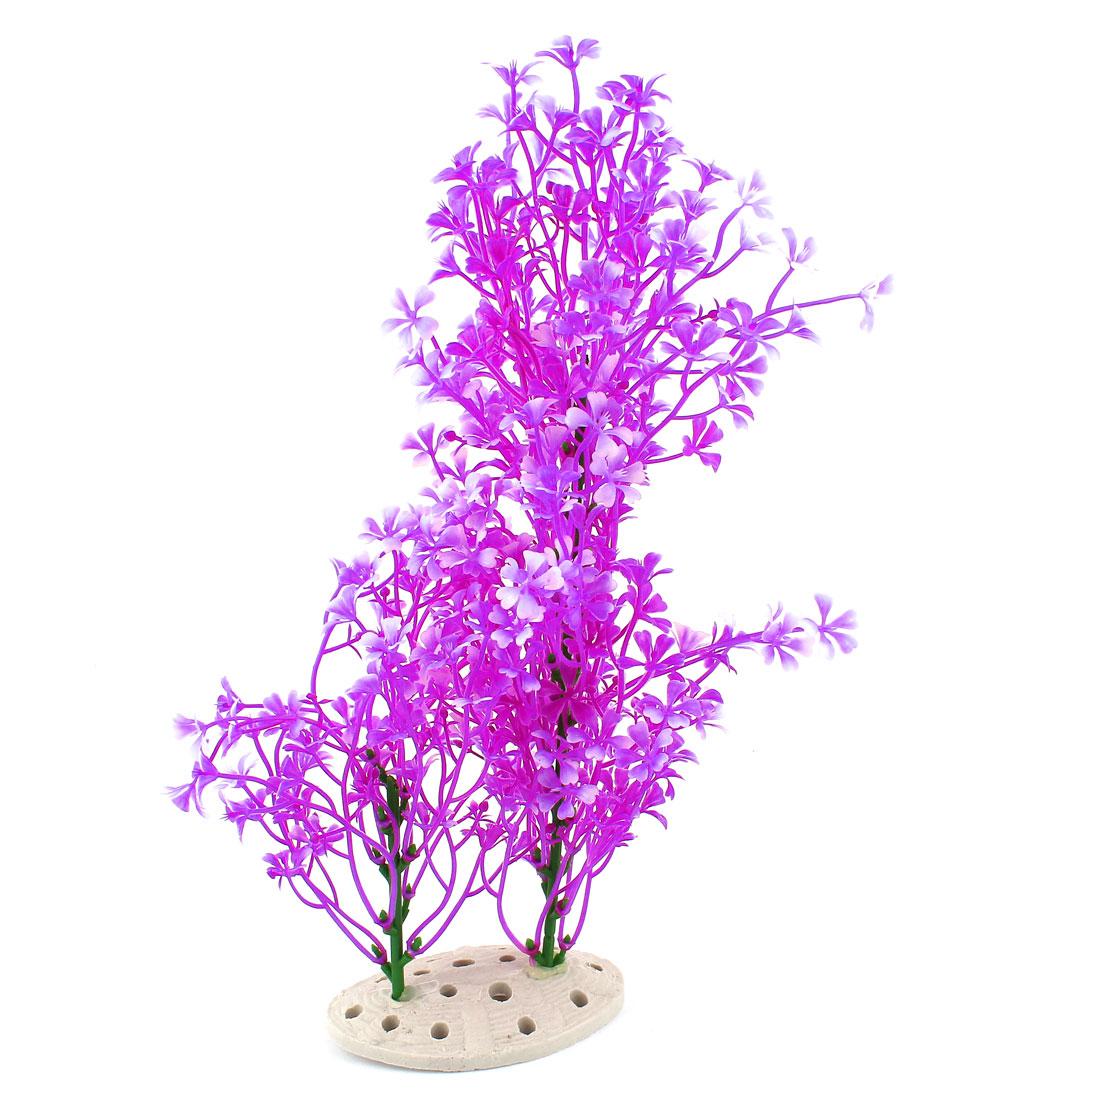 """Aquarium Underwater Plastic Artificial Grass Flower Plant Decor Fuchsia 13"""" High"""